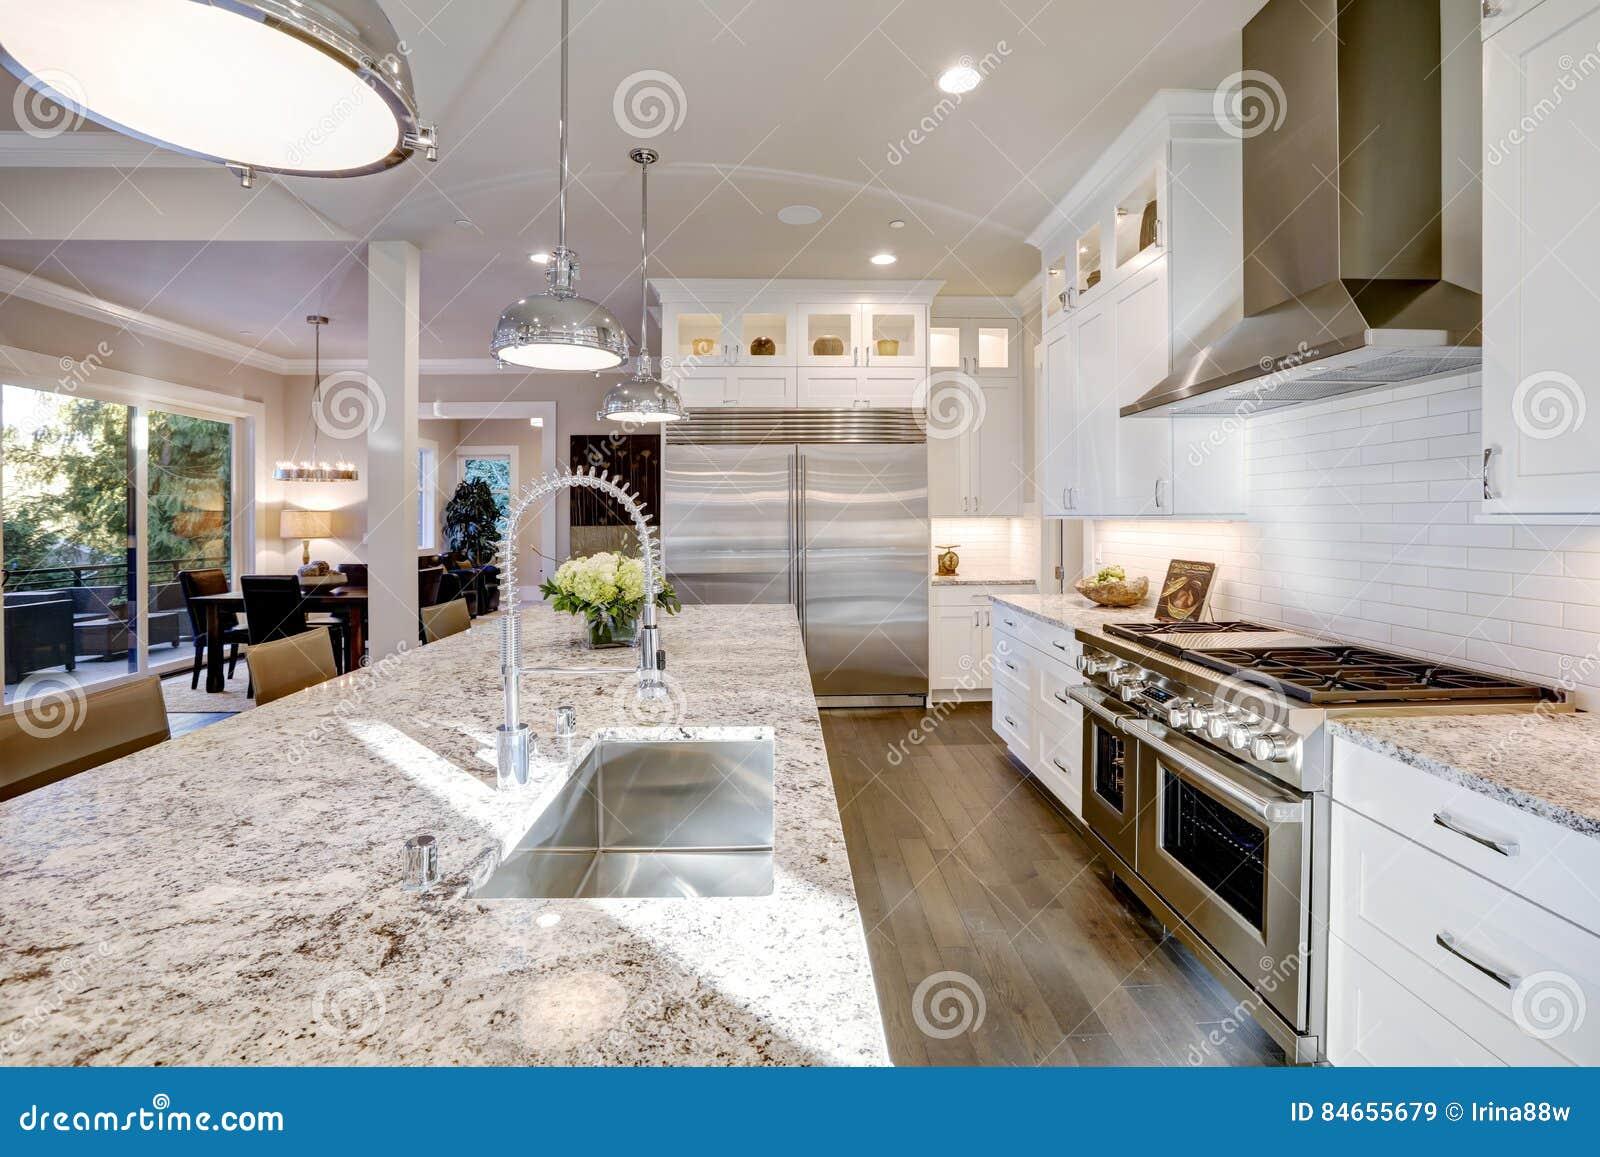 Progettazione Casa Programma : Progettazione bianca della cucina nella nuova casa lussuosa